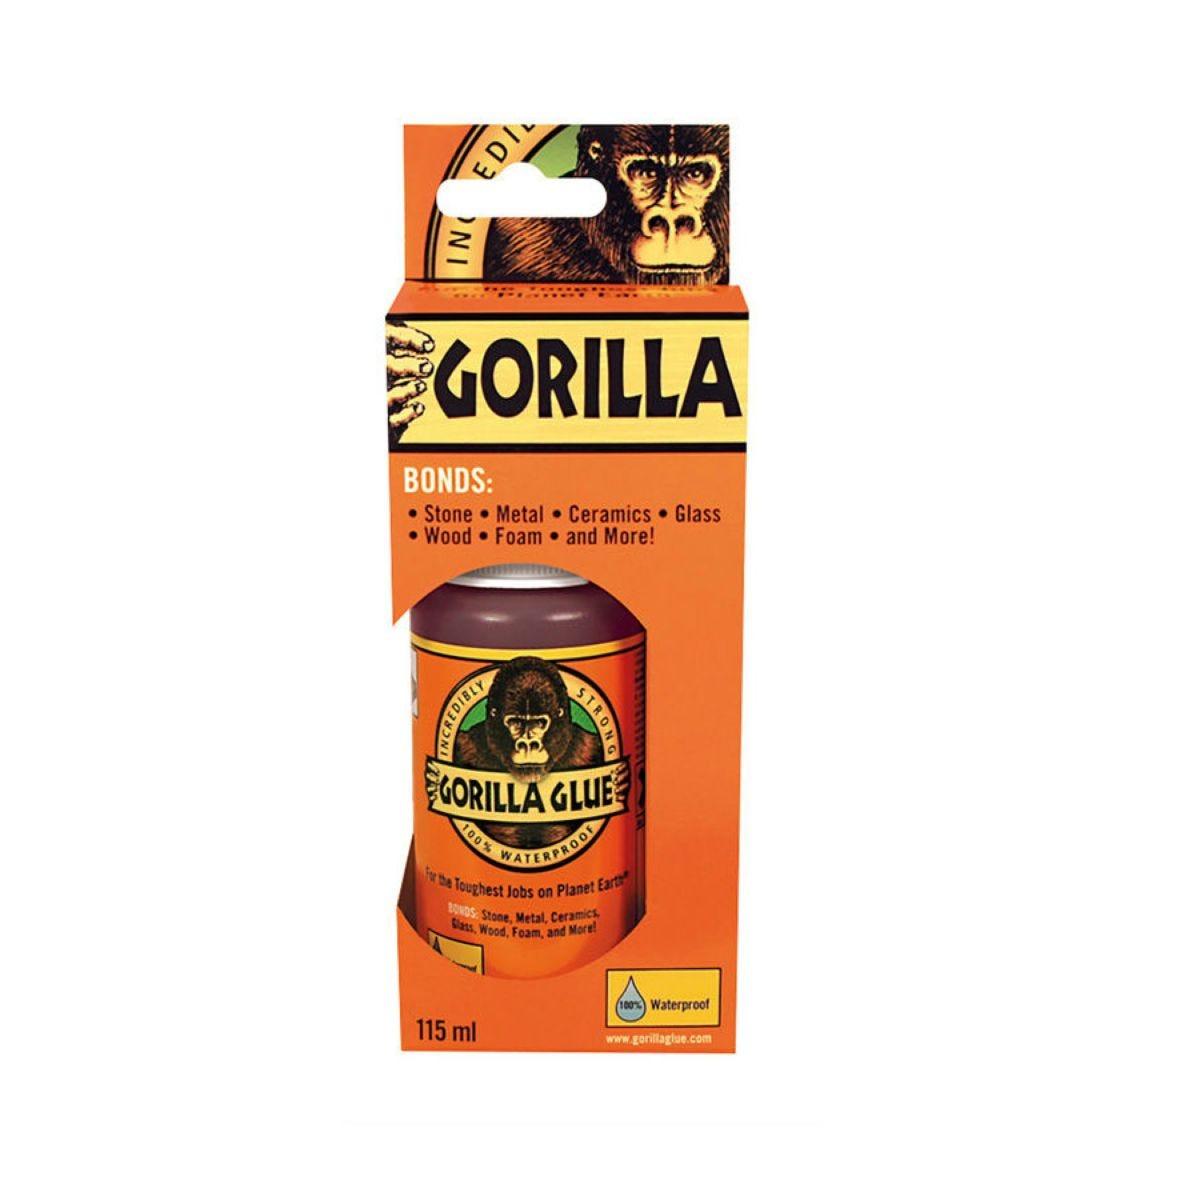 Gorilla Glue High Strength Waterproof Adhesive – 115ml